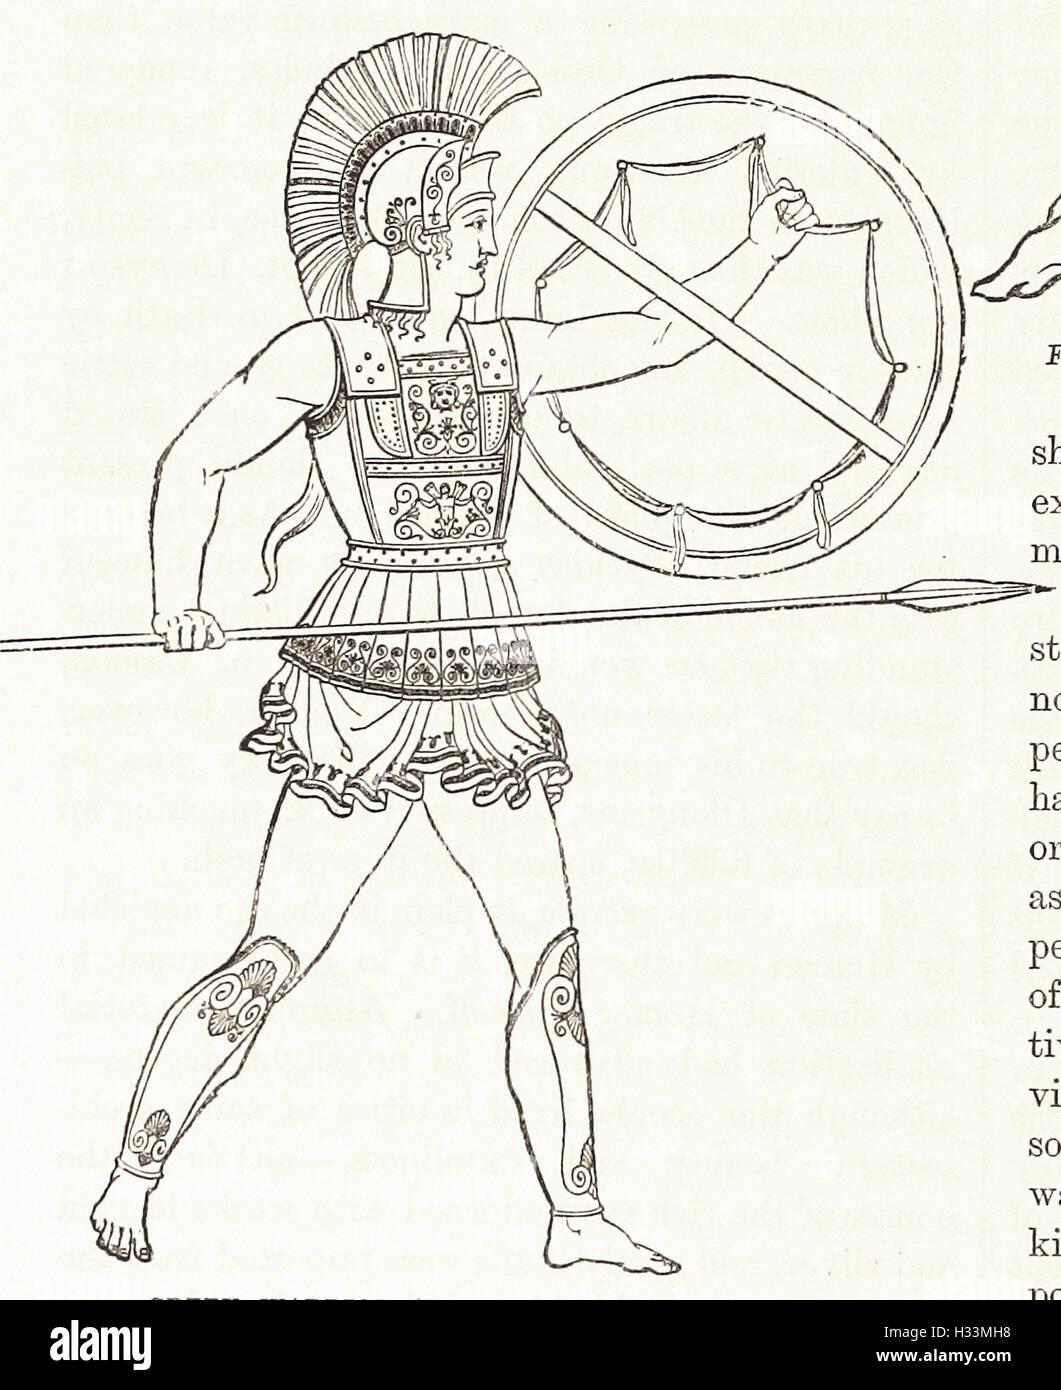 """GRIECHISCHE Krieger bewaffnet mit Speer und Schild - von """"Cassell es illustrierte Weltgeschichte"""" - 1882 Stockbild"""